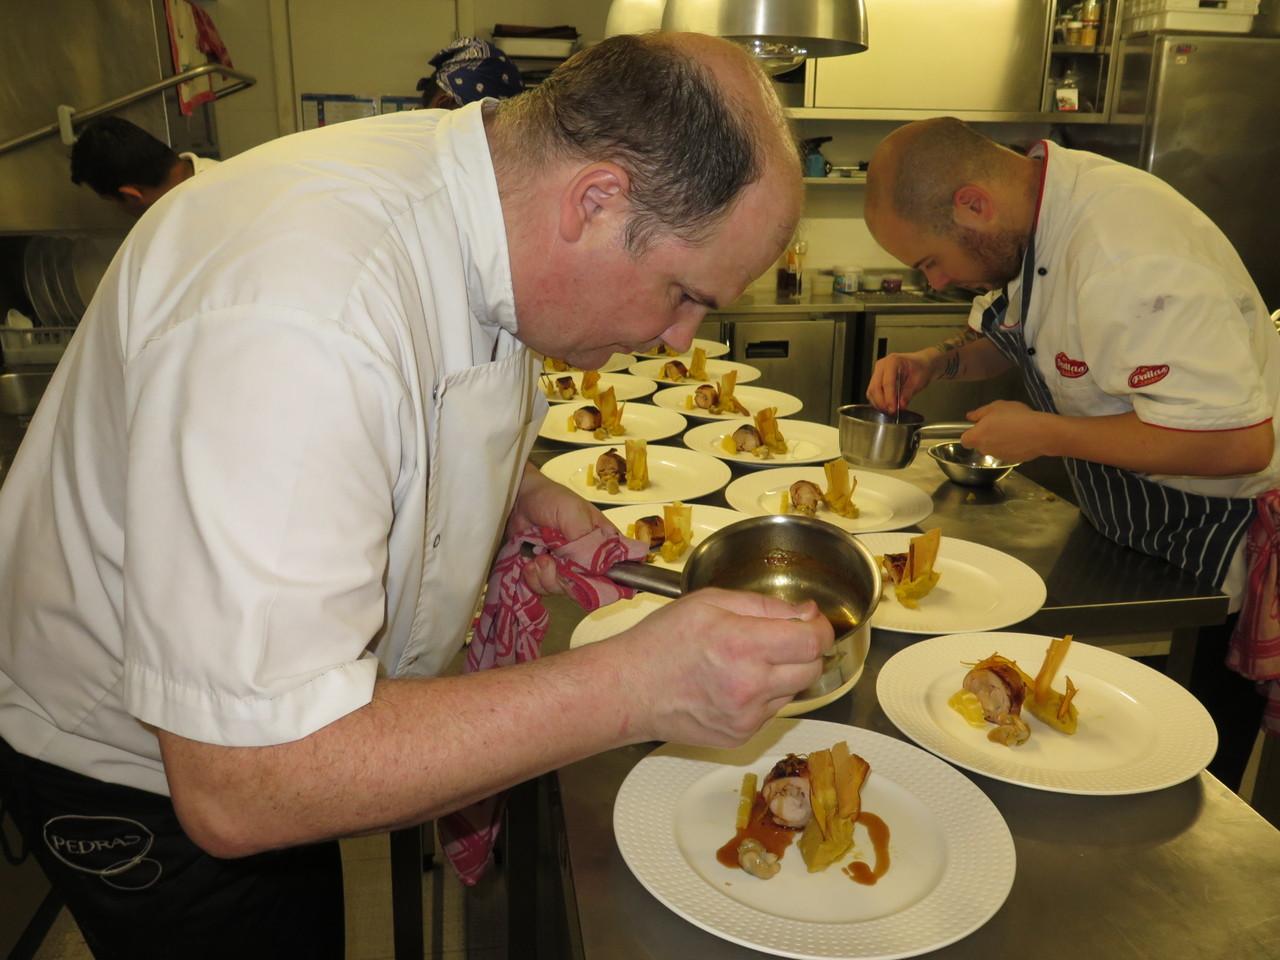 Walter Blazevic e o sub-chef Marcus Stroll